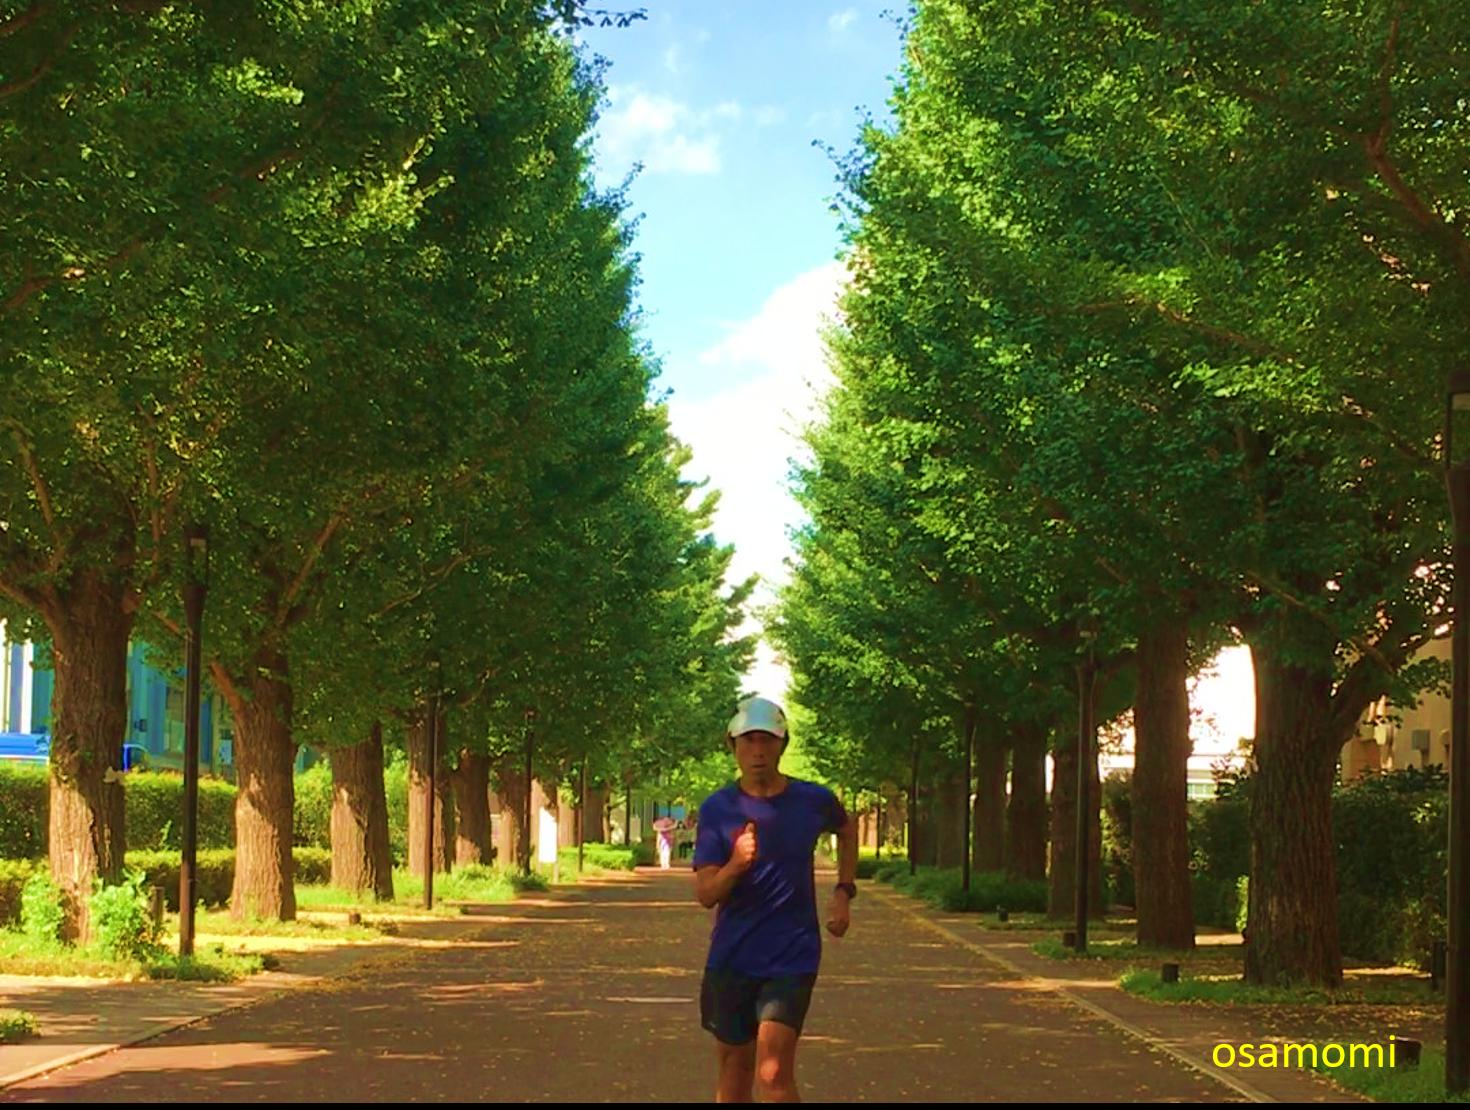 腰痛対策ストレッチ!歩く人・歩かない人も、腰痛は辛いですよー